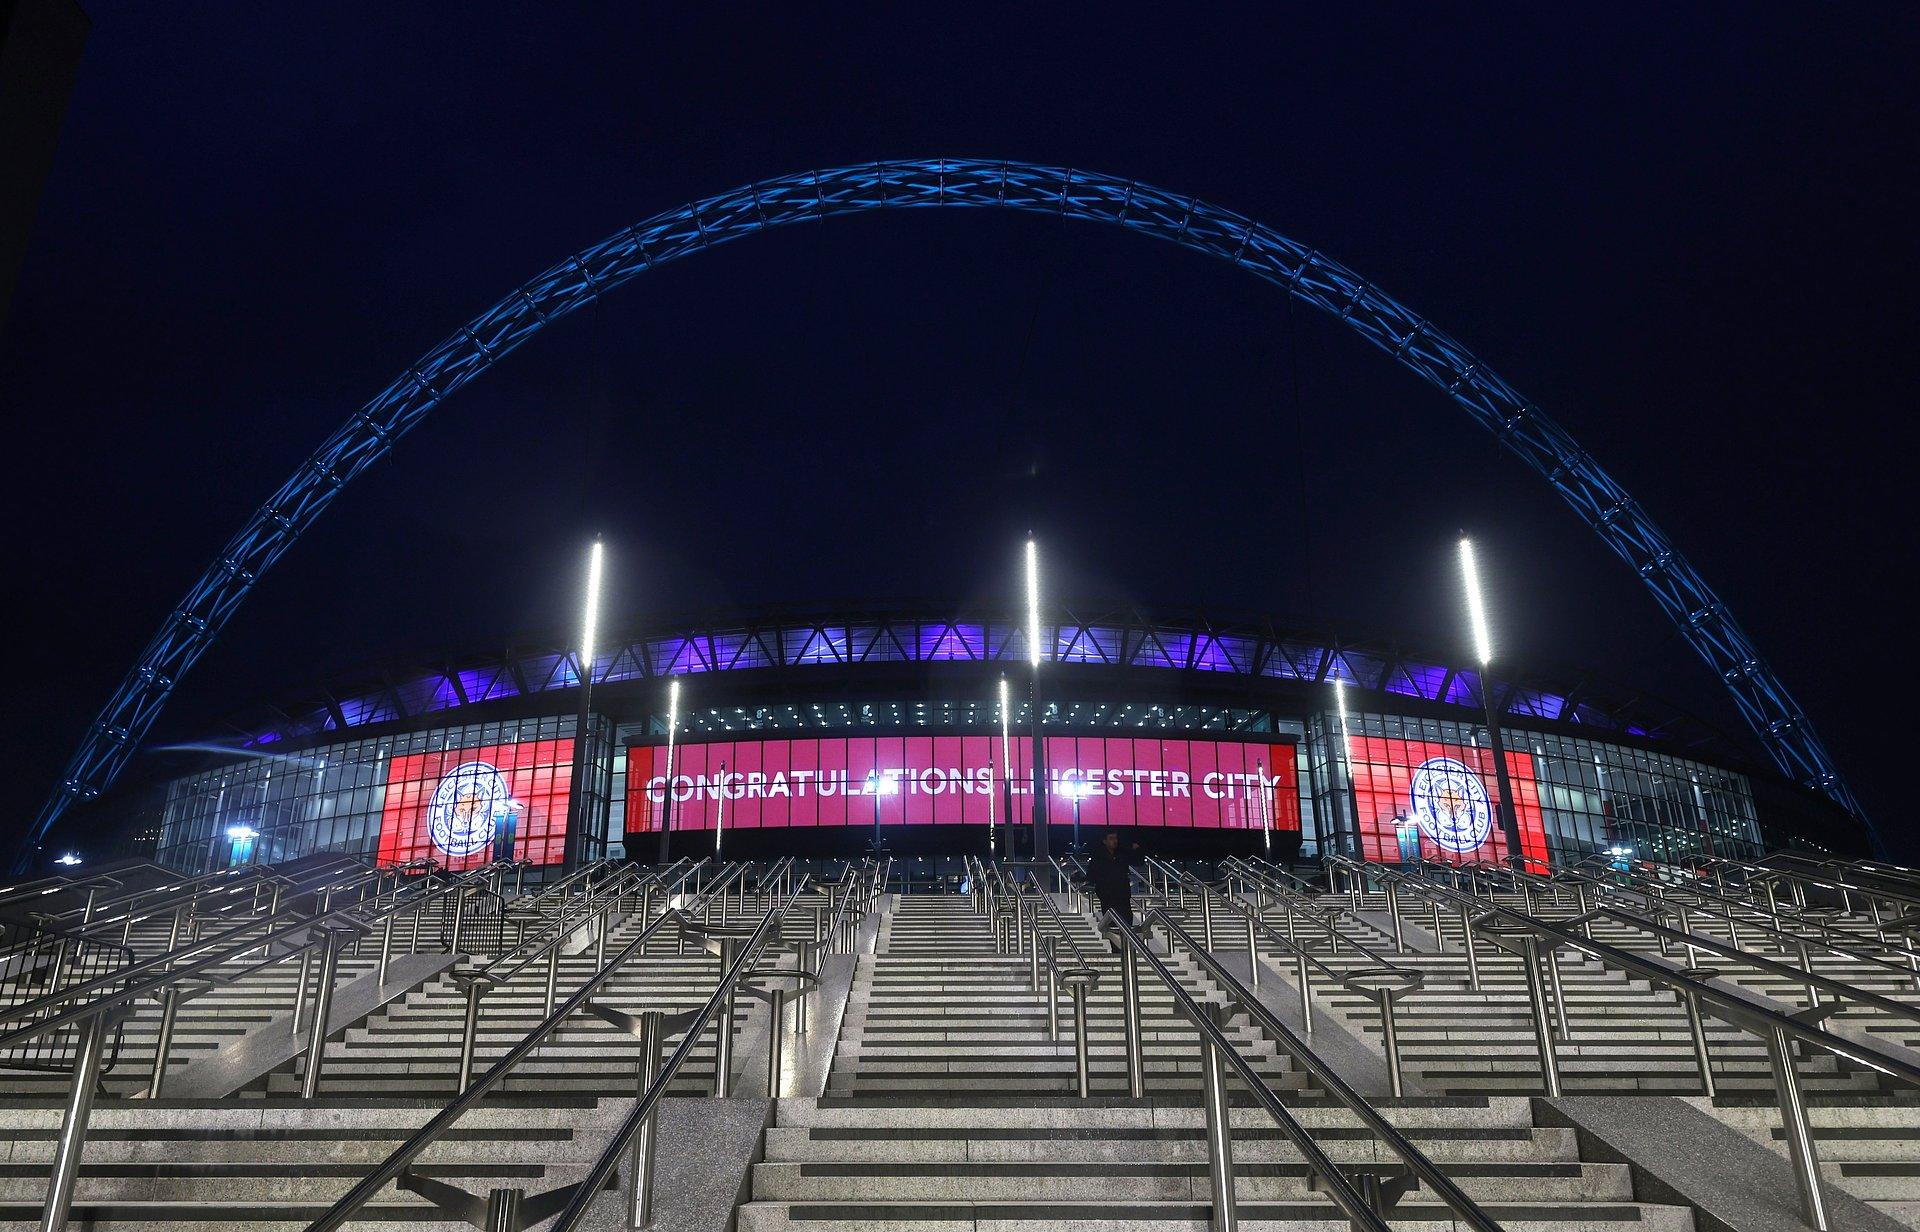 Nowy, przyciągający wzrok ekran LED wita ponownie kibiców na londyńskim stadionie Wembley